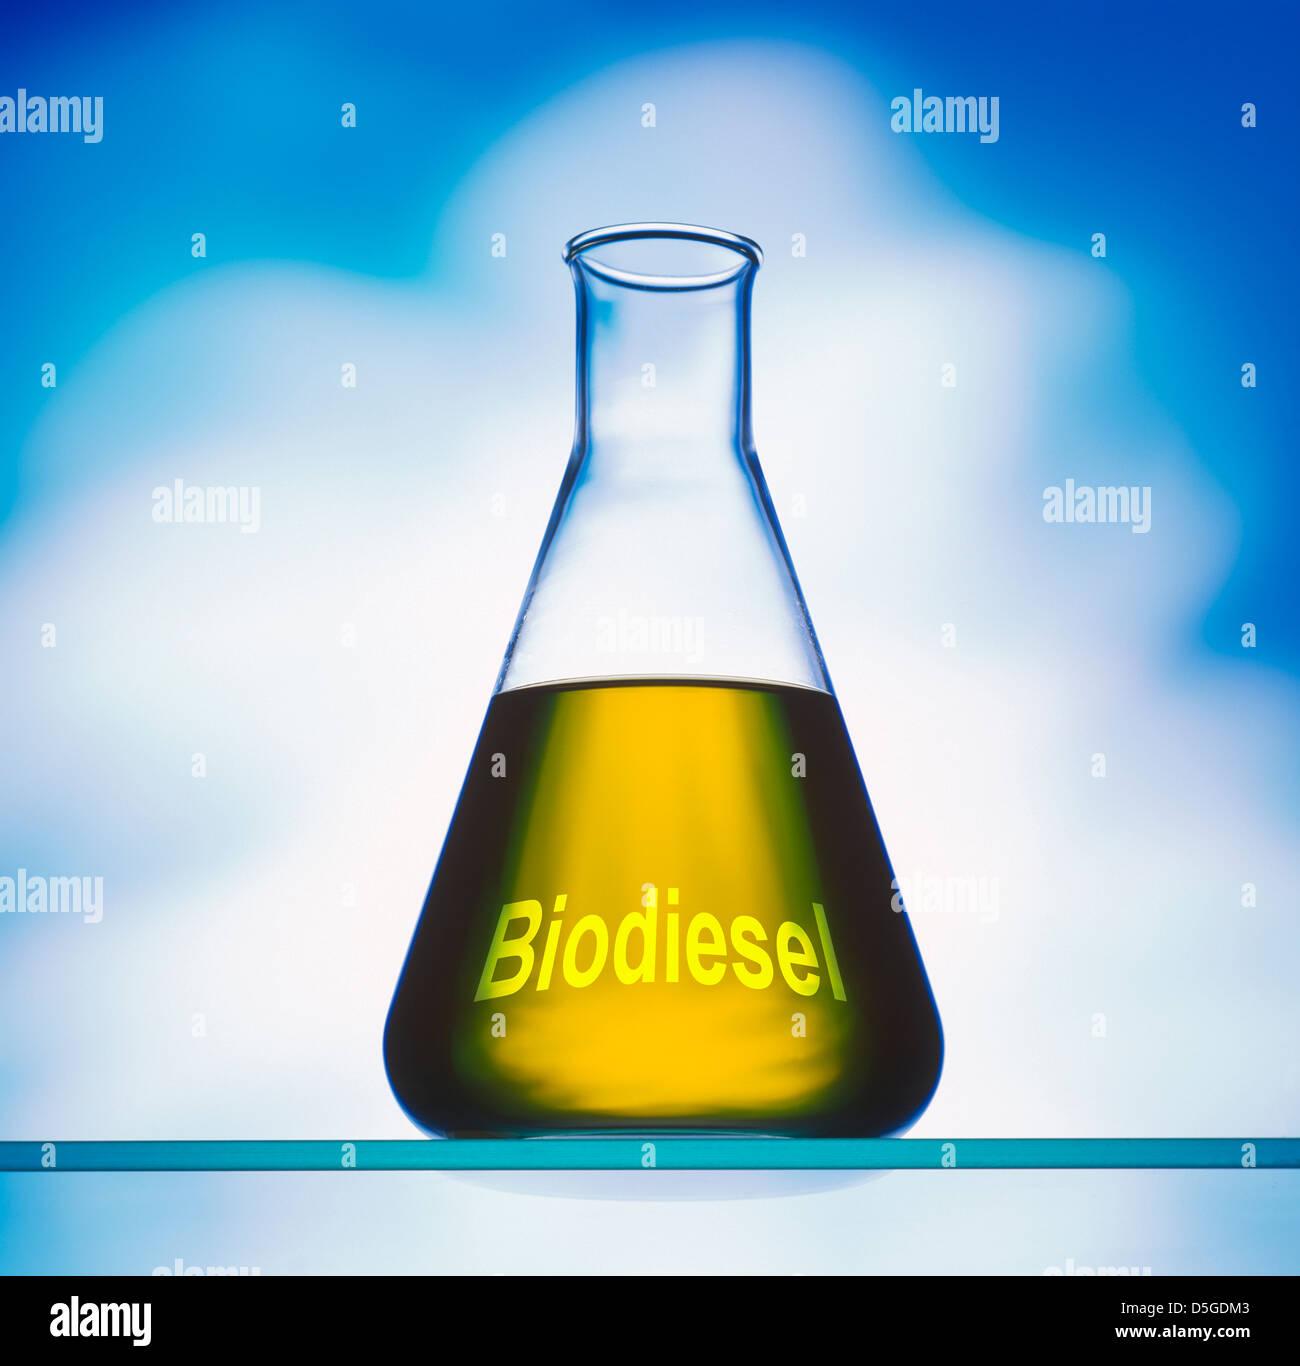 Biodiesel in Erlenmeyerkolben vor blauem Hintergrund Stockbild